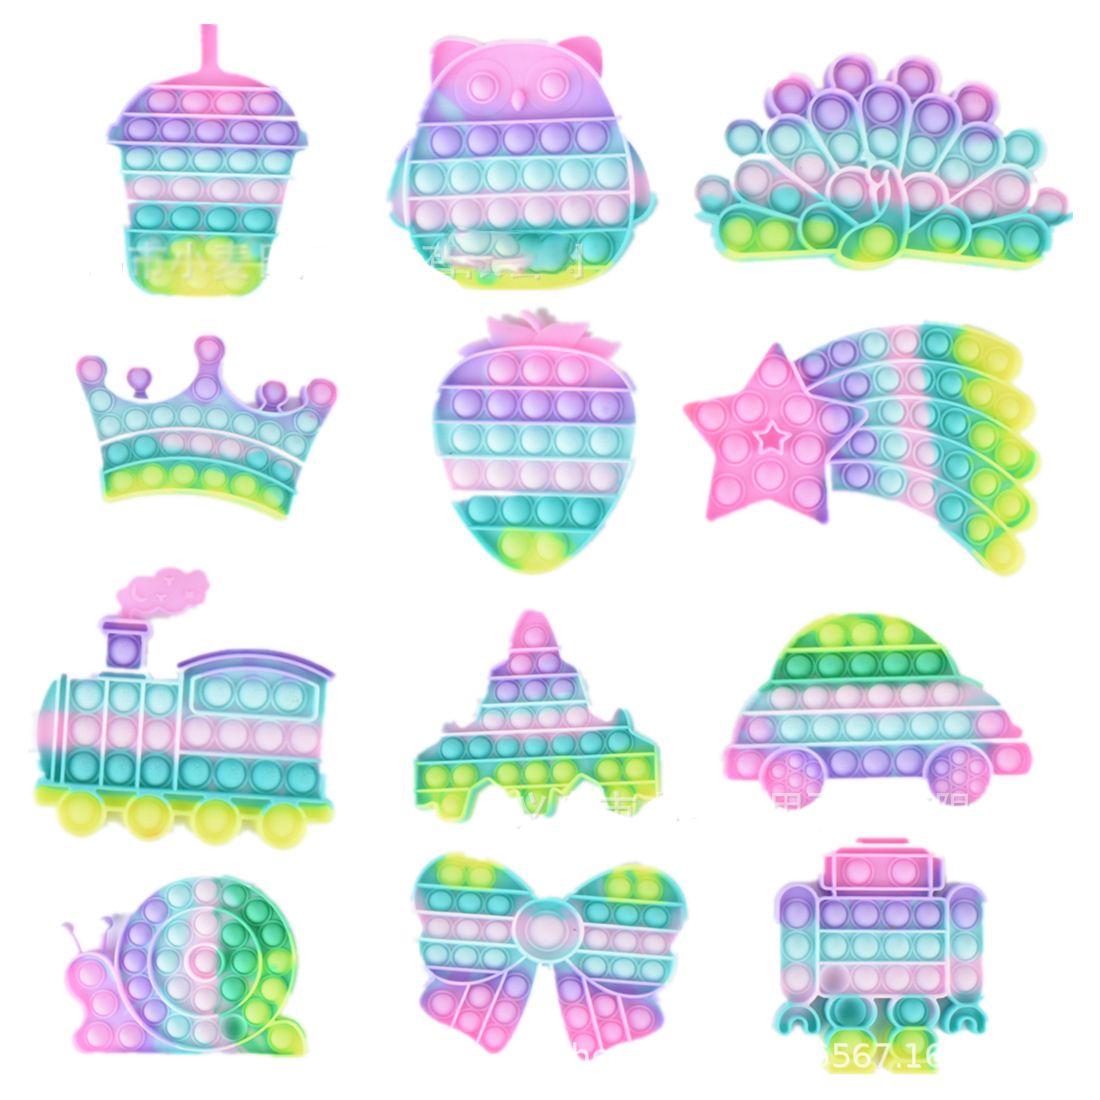 Macarone Push Bubble Fidget Toys Bambini Adulti Adulto Anti-stress Sensoriale Autismo Ha bisogno di stress reliviato del silicone Giocattolo per bambini Adulti Regalo Dono Strawberry Meteor Crown